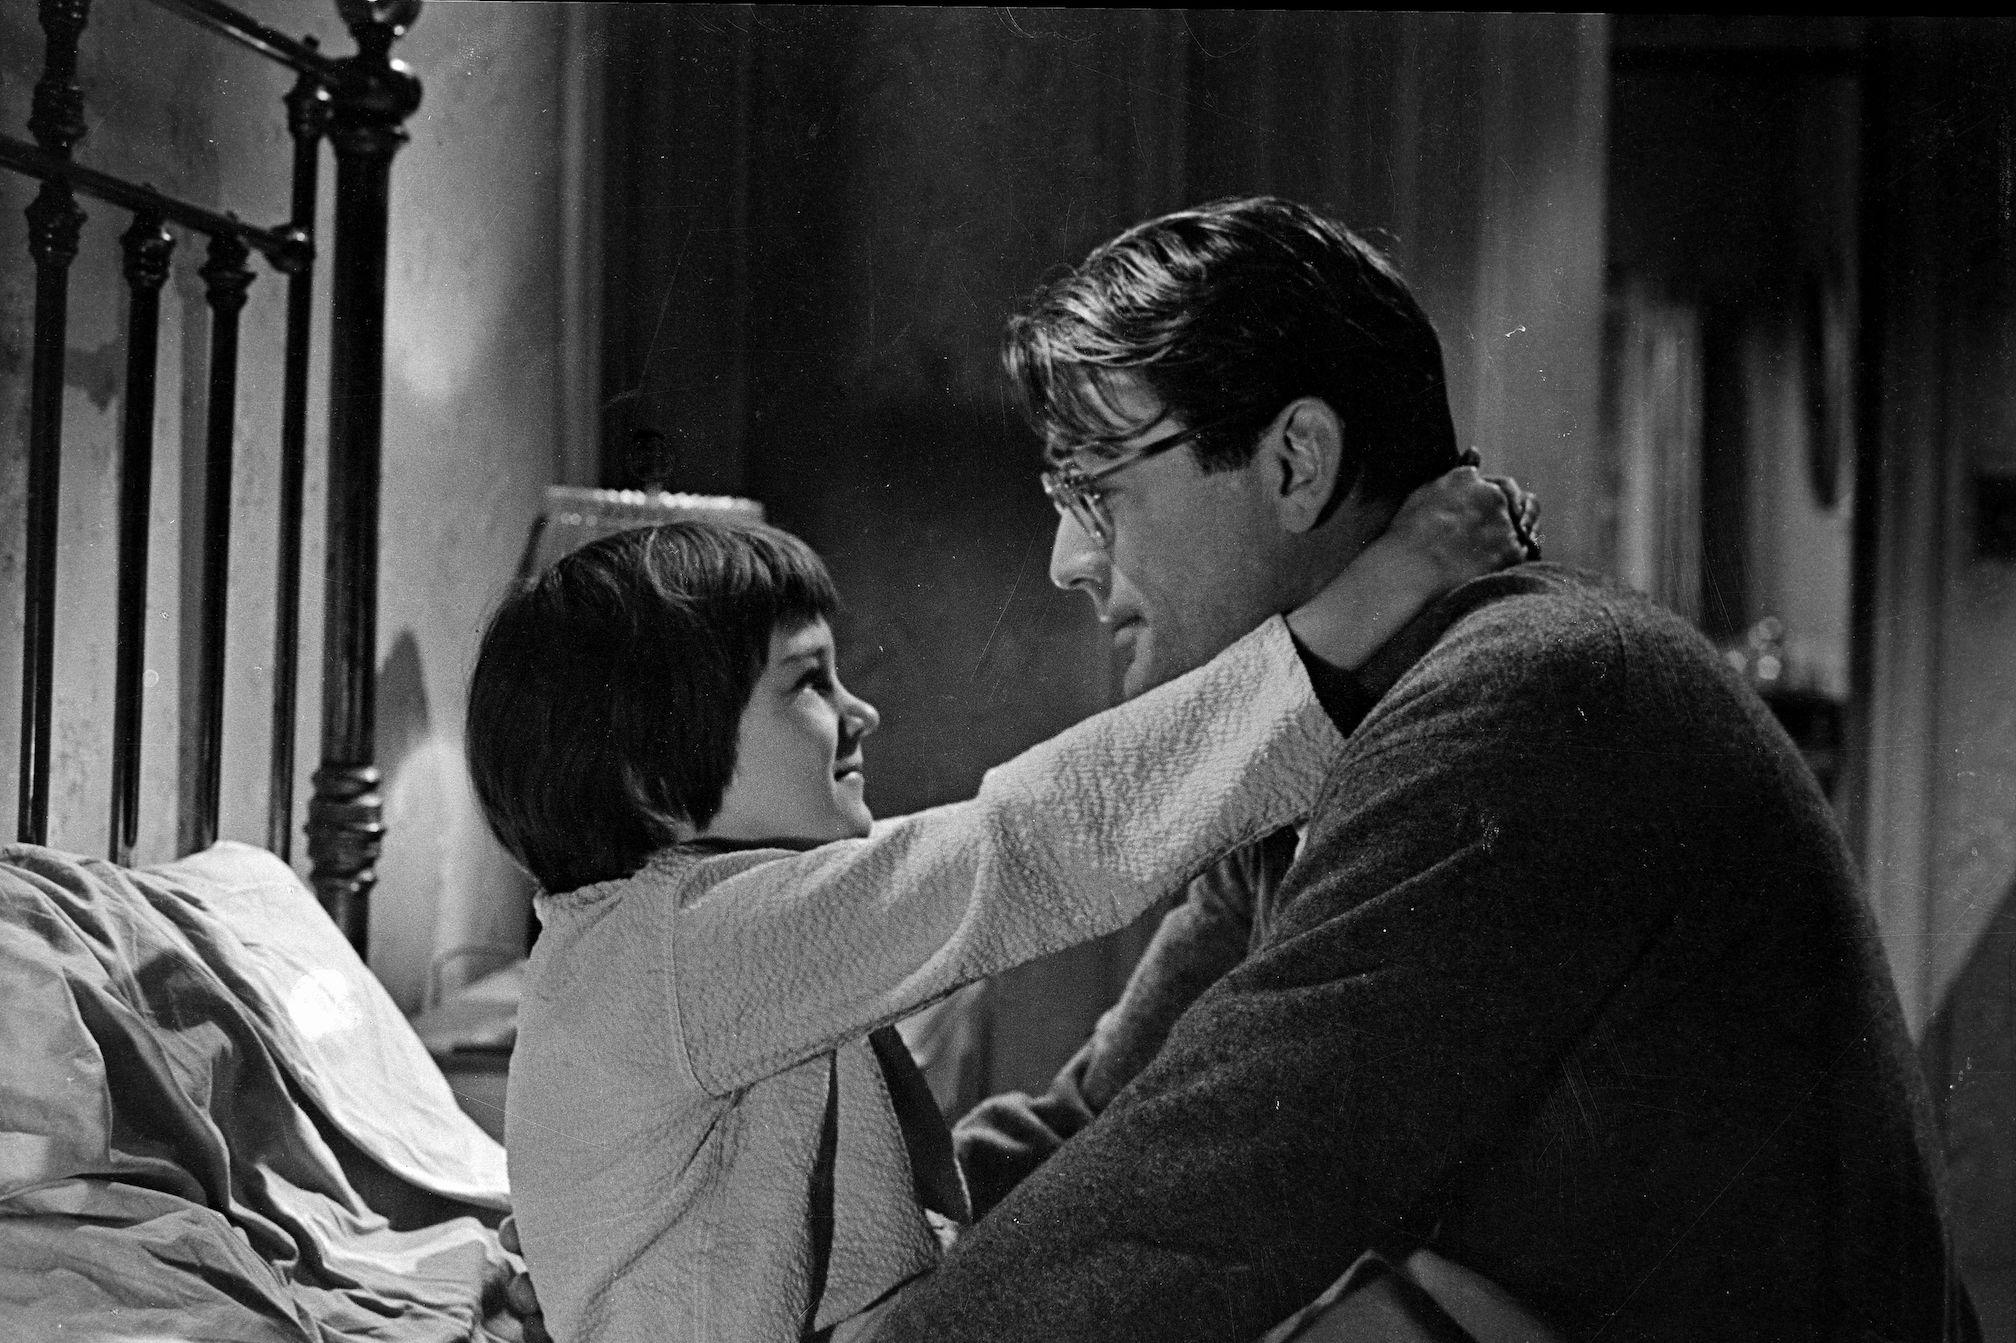 284. To Kill a Mockingbird (1962)